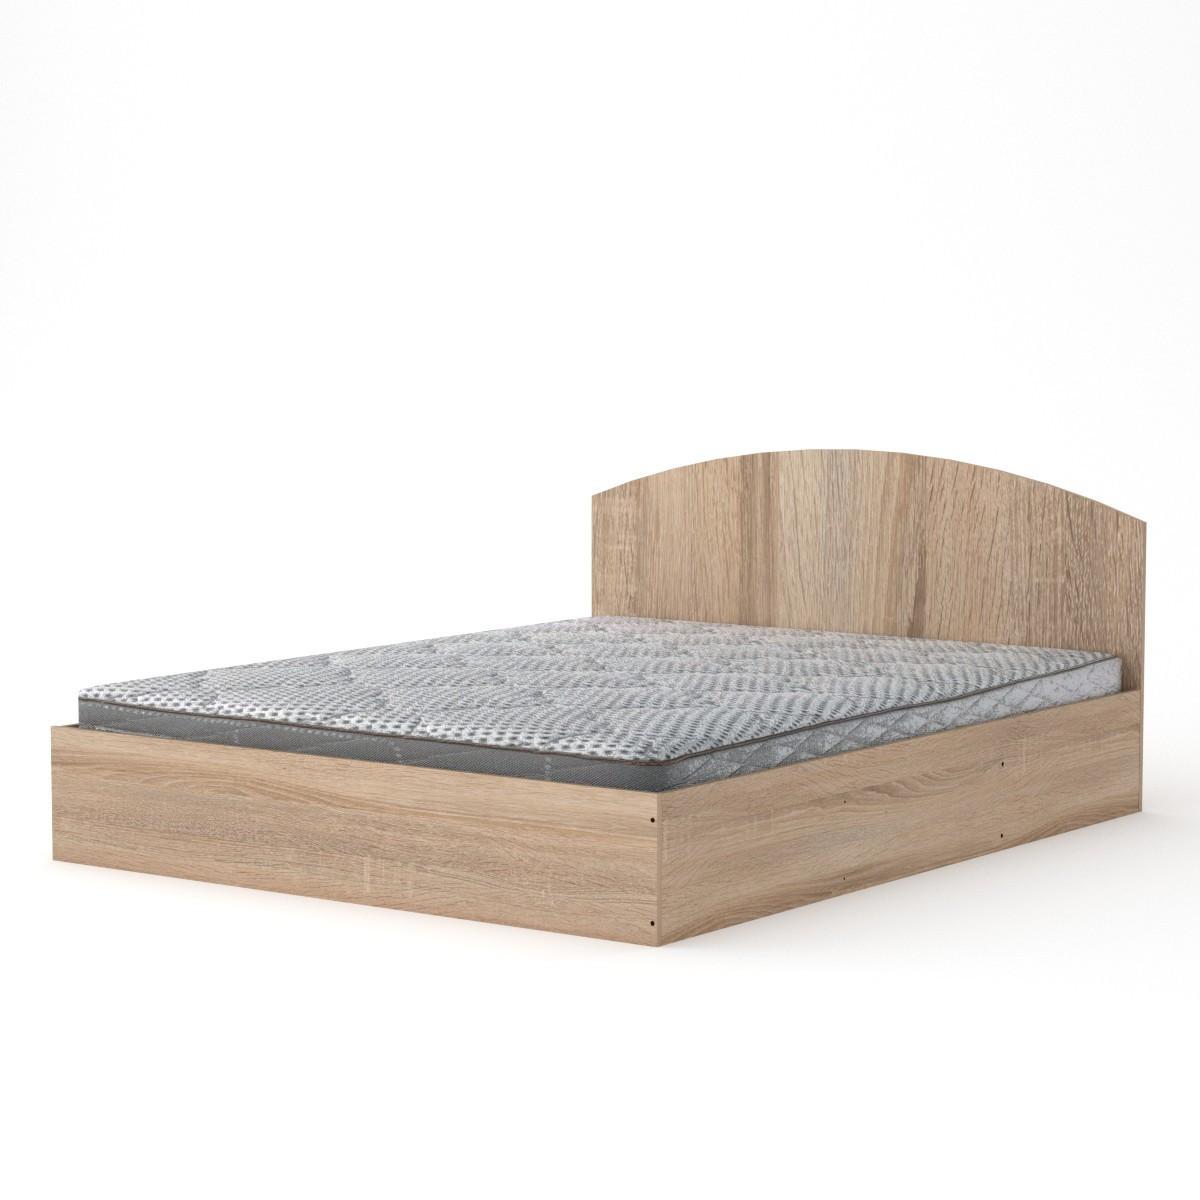 Кровать 160 дуб сонома Компанит (164х204х75 см)